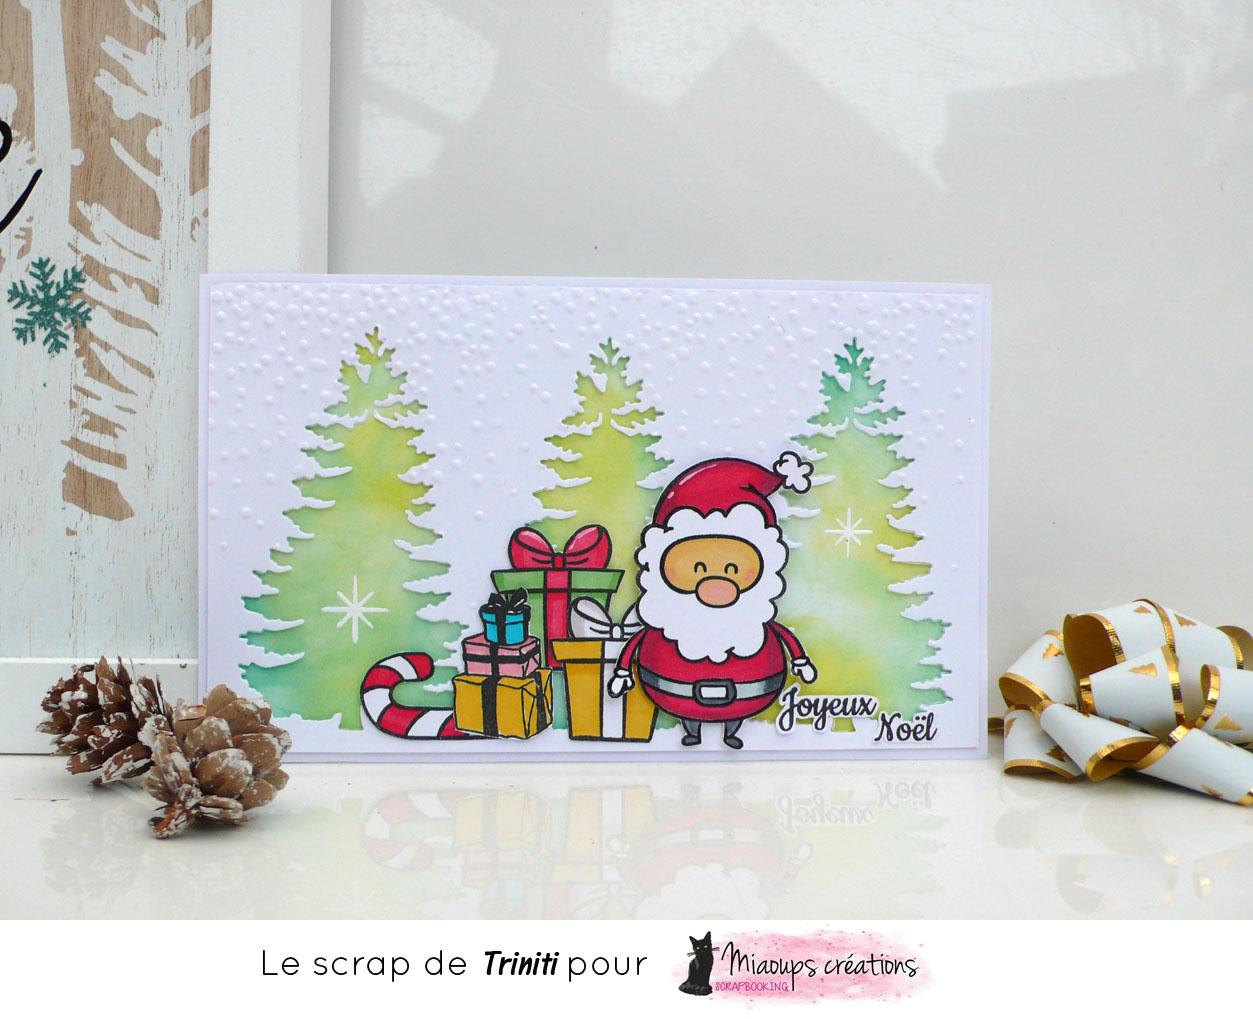 Audacieux Carte Joyeux Noël pour Miaoups Créations | Le scrap de Triniti EN-56